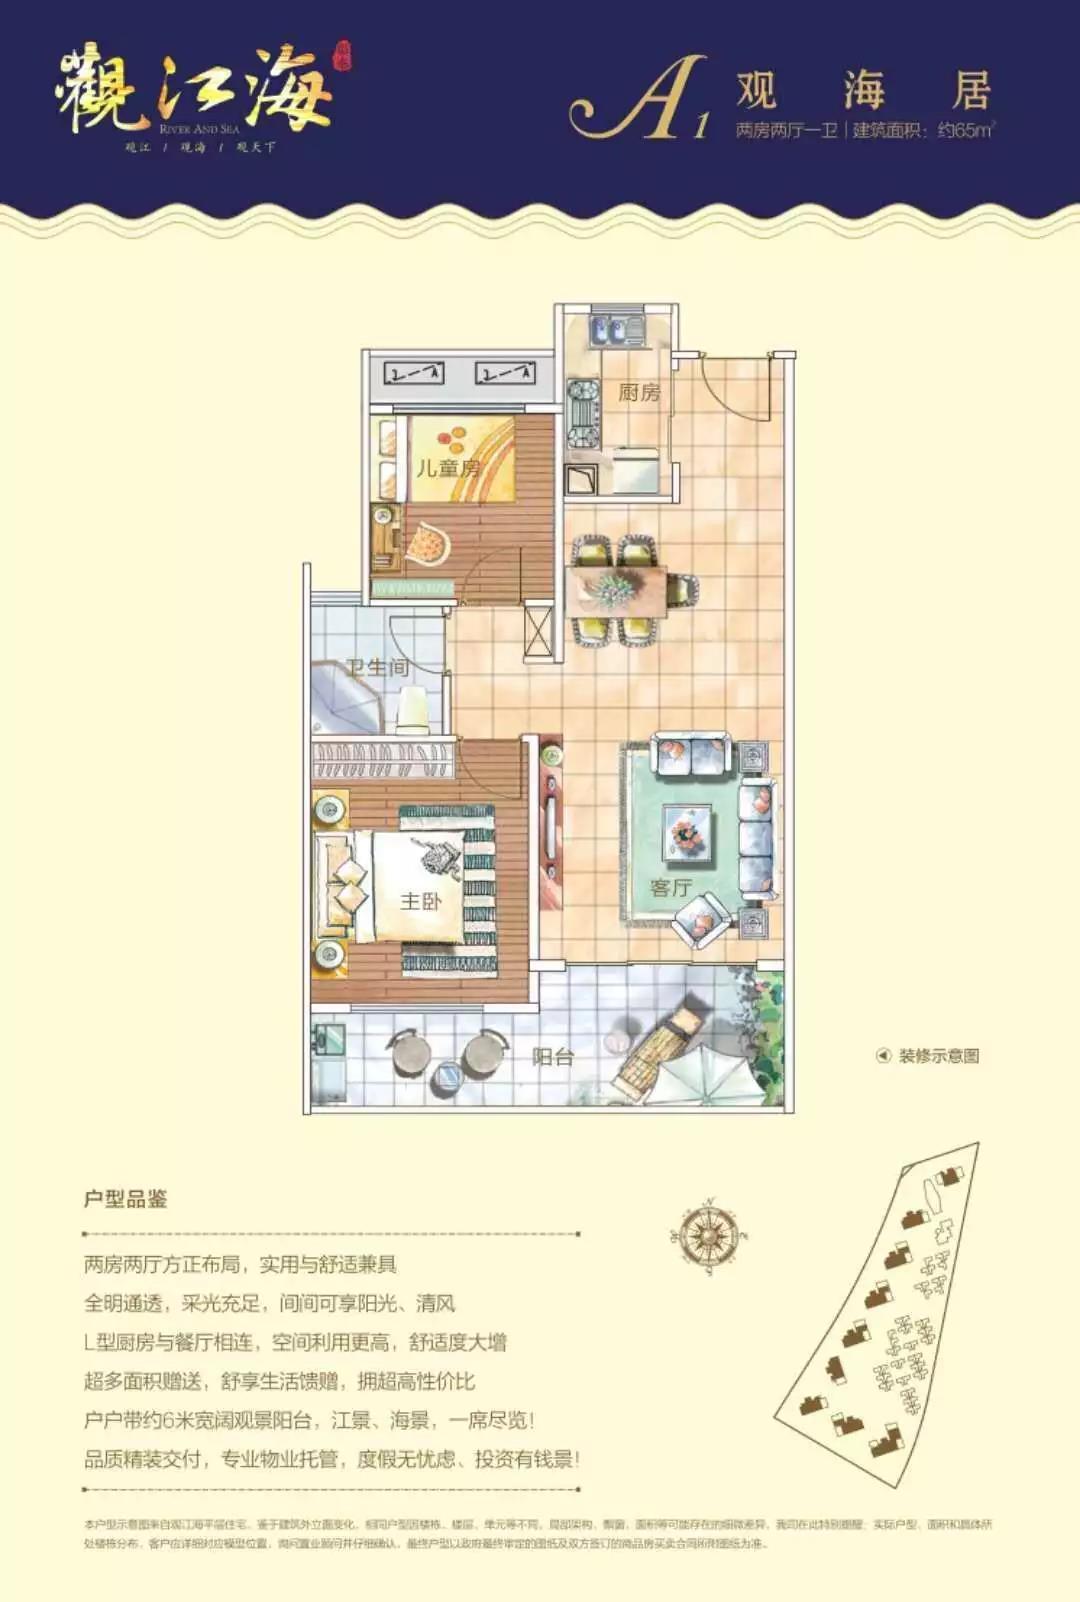 彰泰观江海A1户型2室2厅1卫1厨建筑面积65㎡